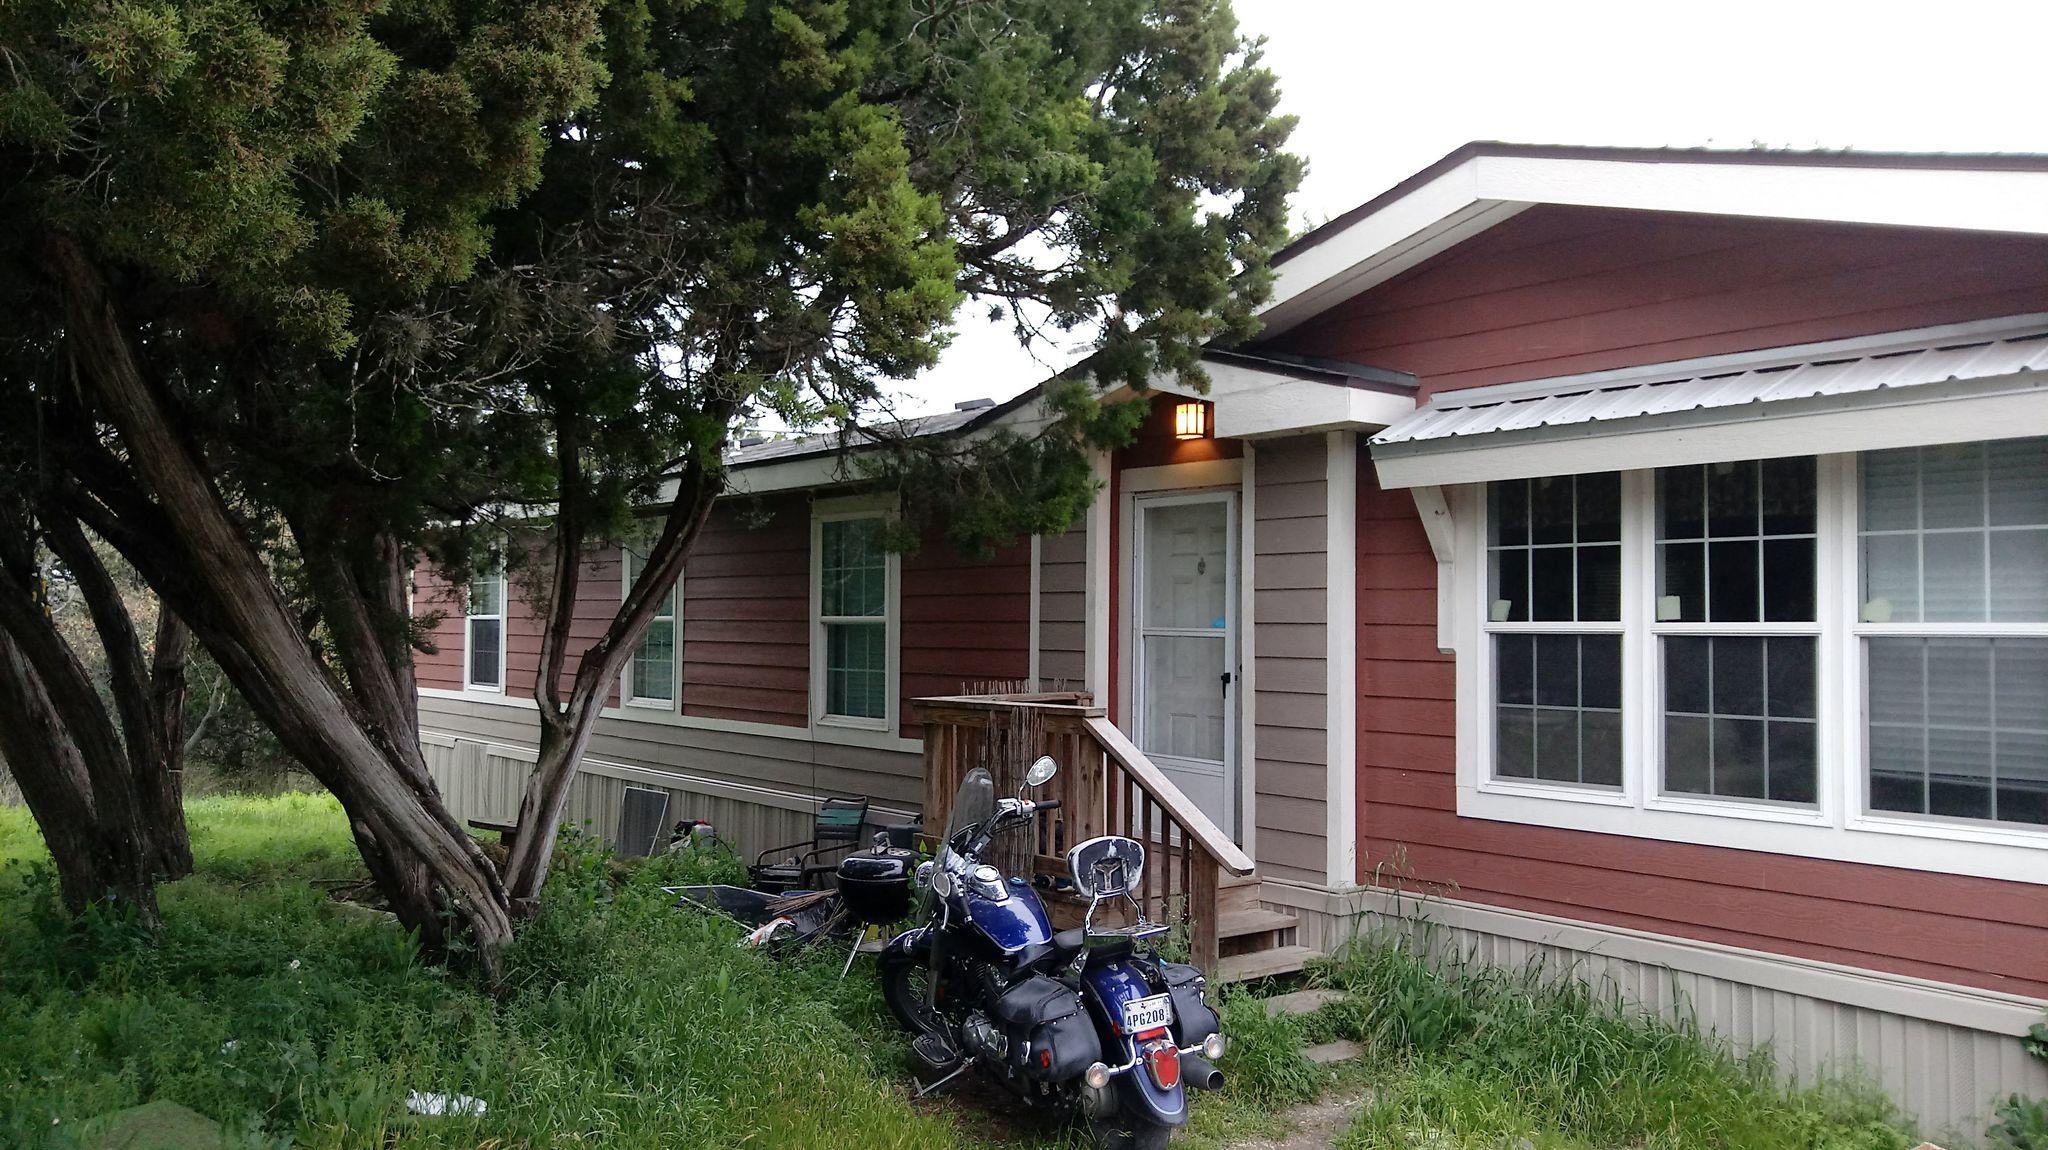 608 Daisy St, San Marcos, TX 78666 - 4 Bed, 2 Bath Single-Family Home - 53  Photos | Trulia